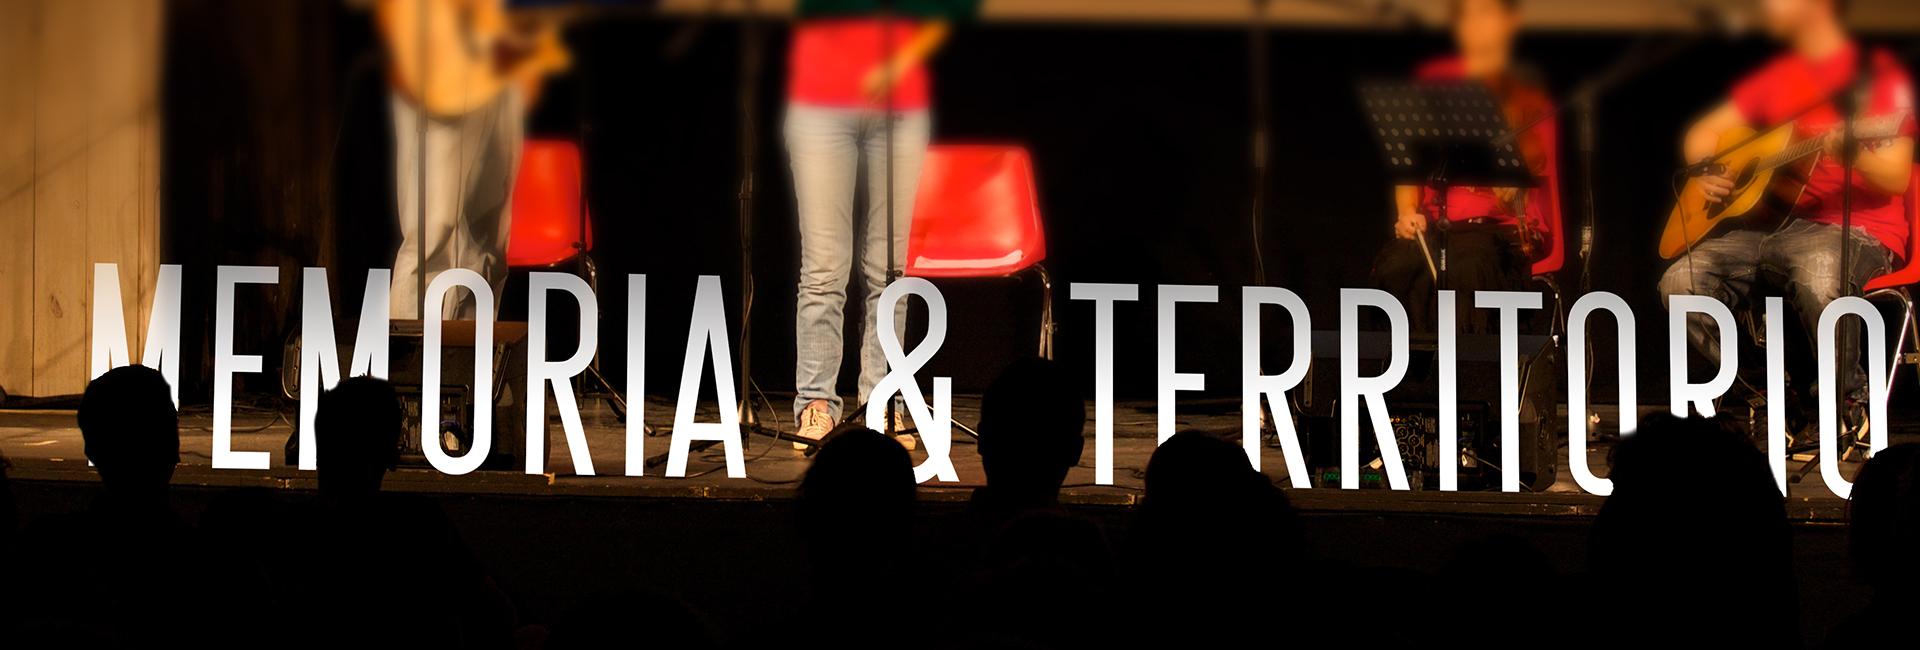 Template-header-Memoriaeterriotrio